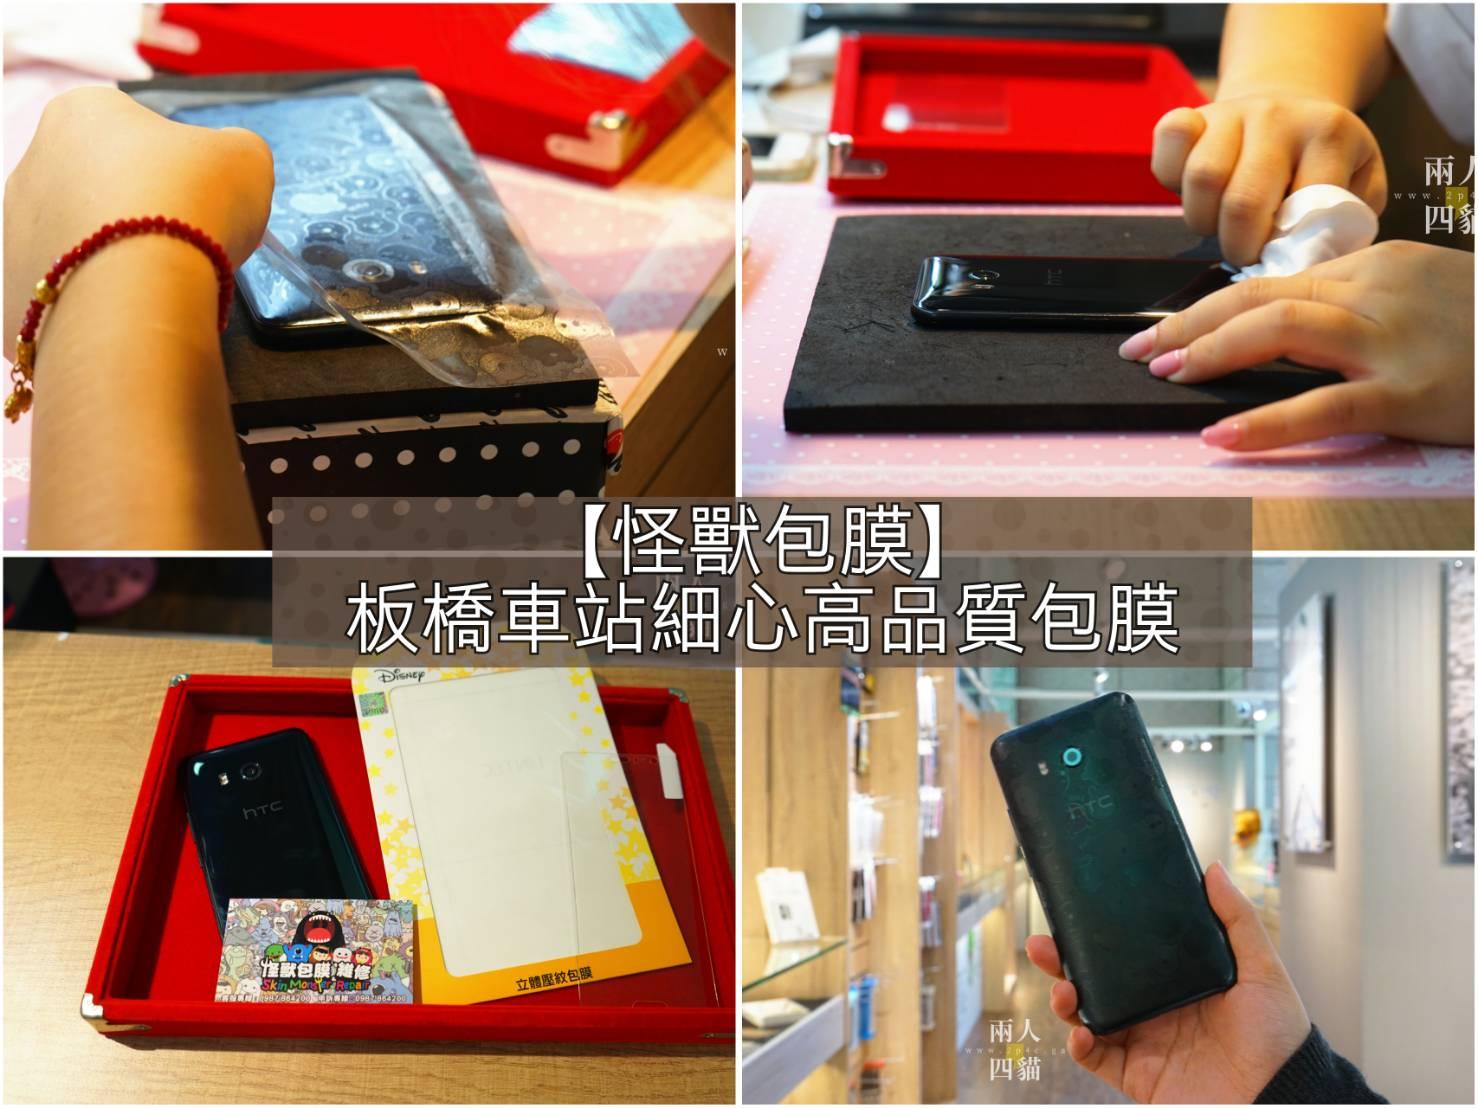 【板橋包膜】板橋終於也開【怪獸包膜 SkinMonster&Repair】了!HTC U11全機包膜體驗 店員處理超細心 再也不怕刮傷了